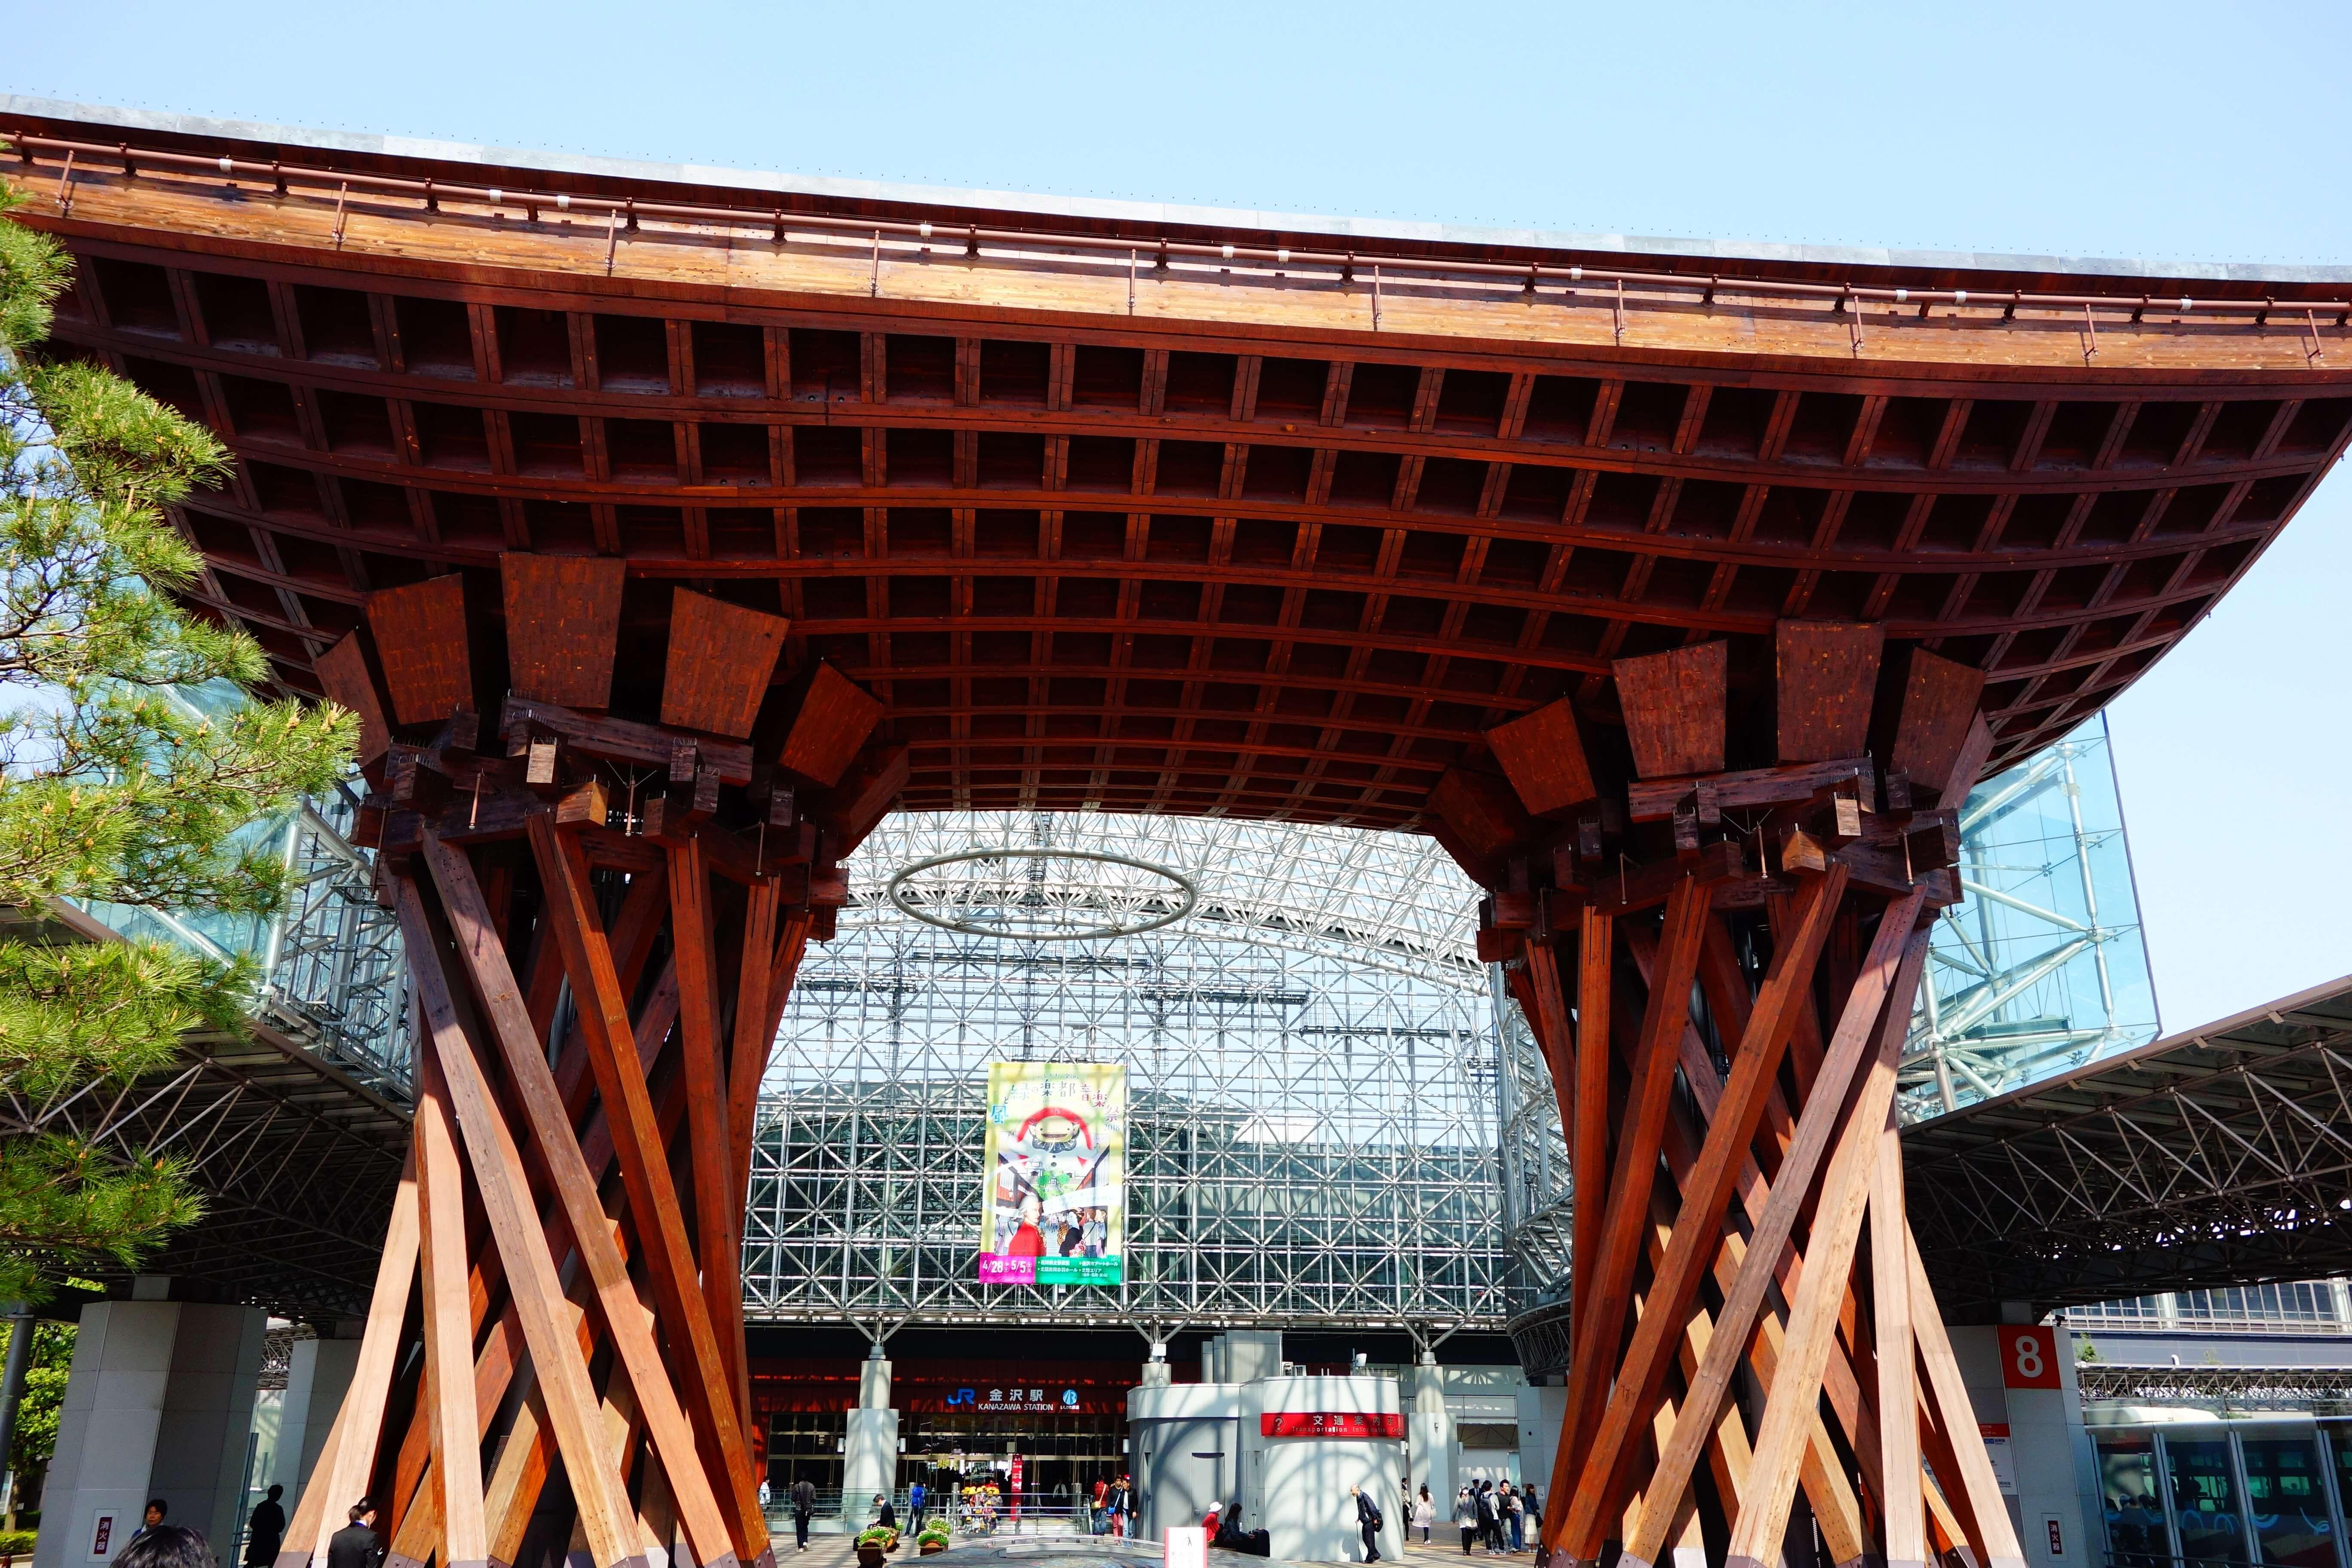 【金沢観光】新幹線から降りてすぐの観光地「金沢駅」の魅力についてご紹介!